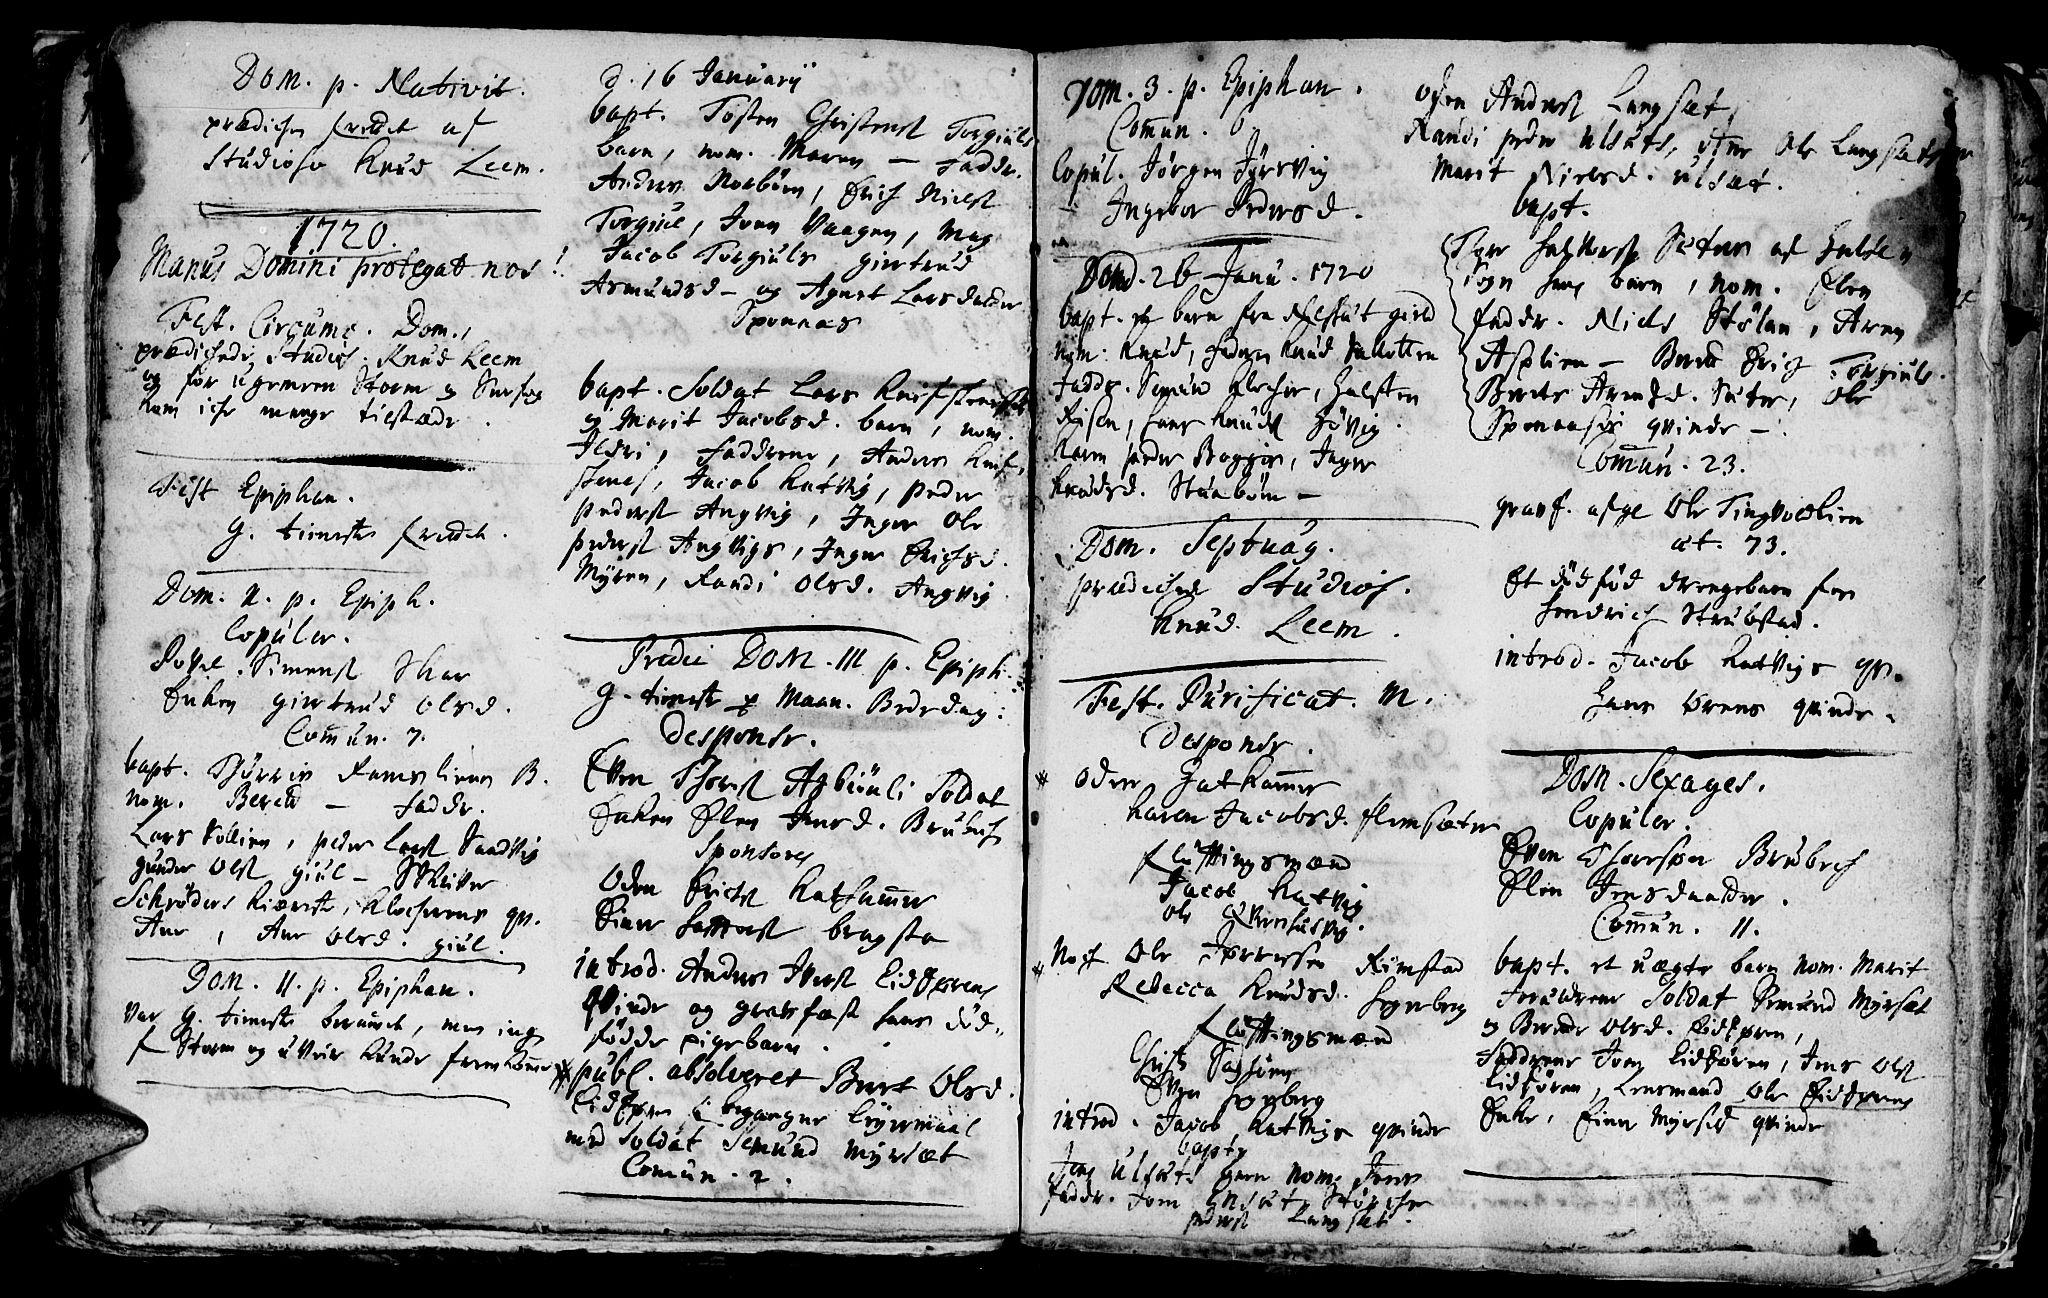 SAT, Ministerialprotokoller, klokkerbøker og fødselsregistre - Møre og Romsdal, 586/L0977: Ministerialbok nr. 586A03, 1706-1731